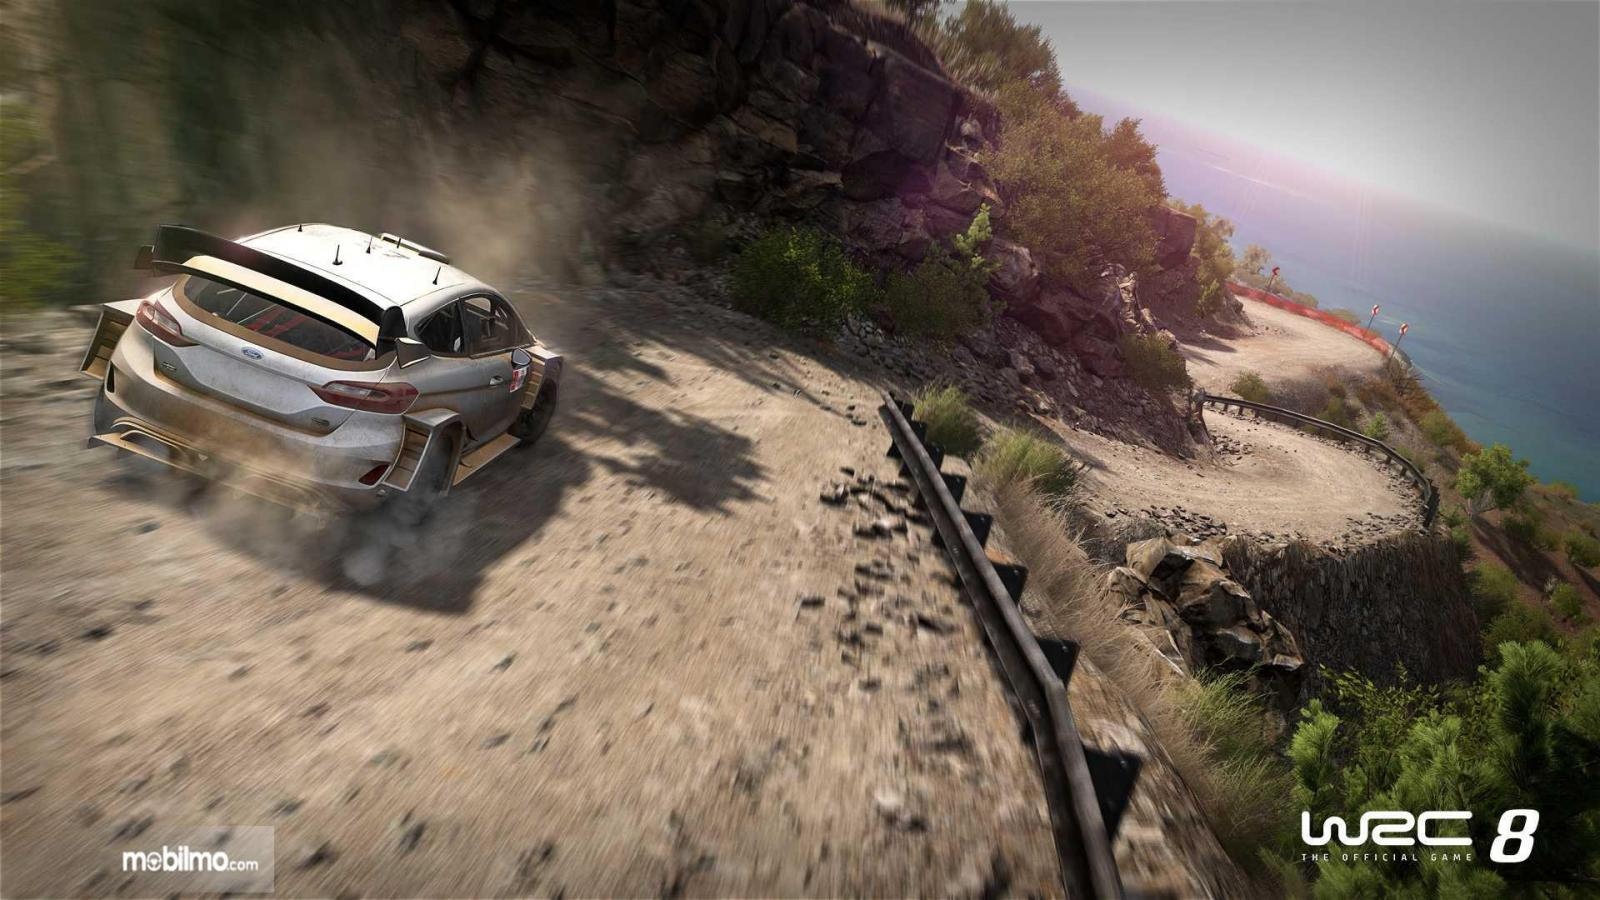 gameplay baru WRC 8 dengan mobil balap berwarna putih